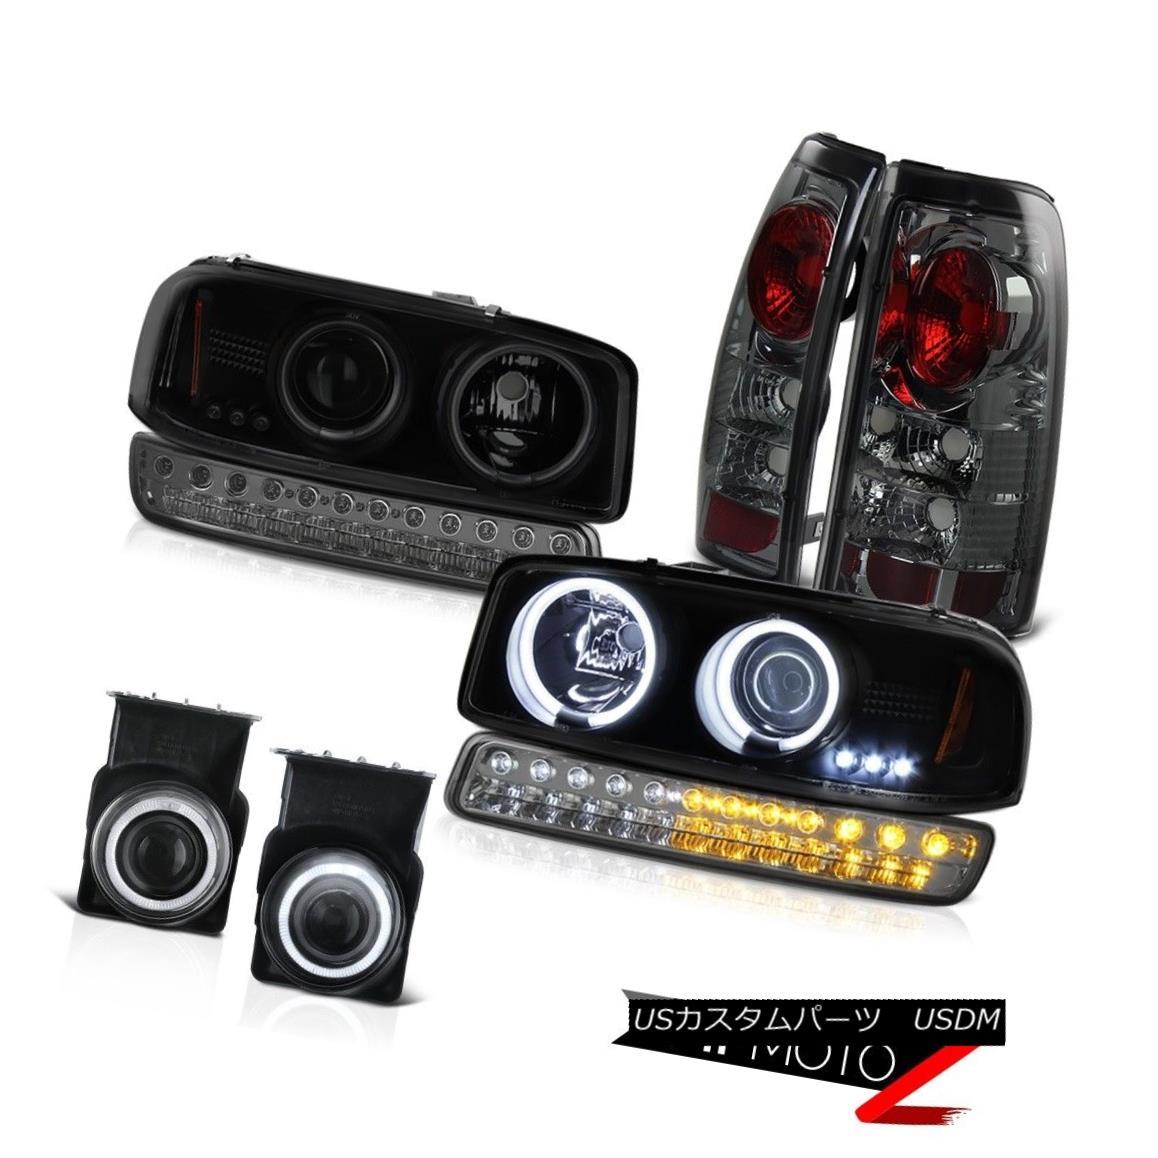 テールライト 03-06 Sierra 5.3L Foglamps Phantom Smoke Taillamps Turn Signal Darkest Headlamps 03-06シエラ5.3Lフォグランプファントムスモークタイルランプターンシグナルダークヘッドランプ